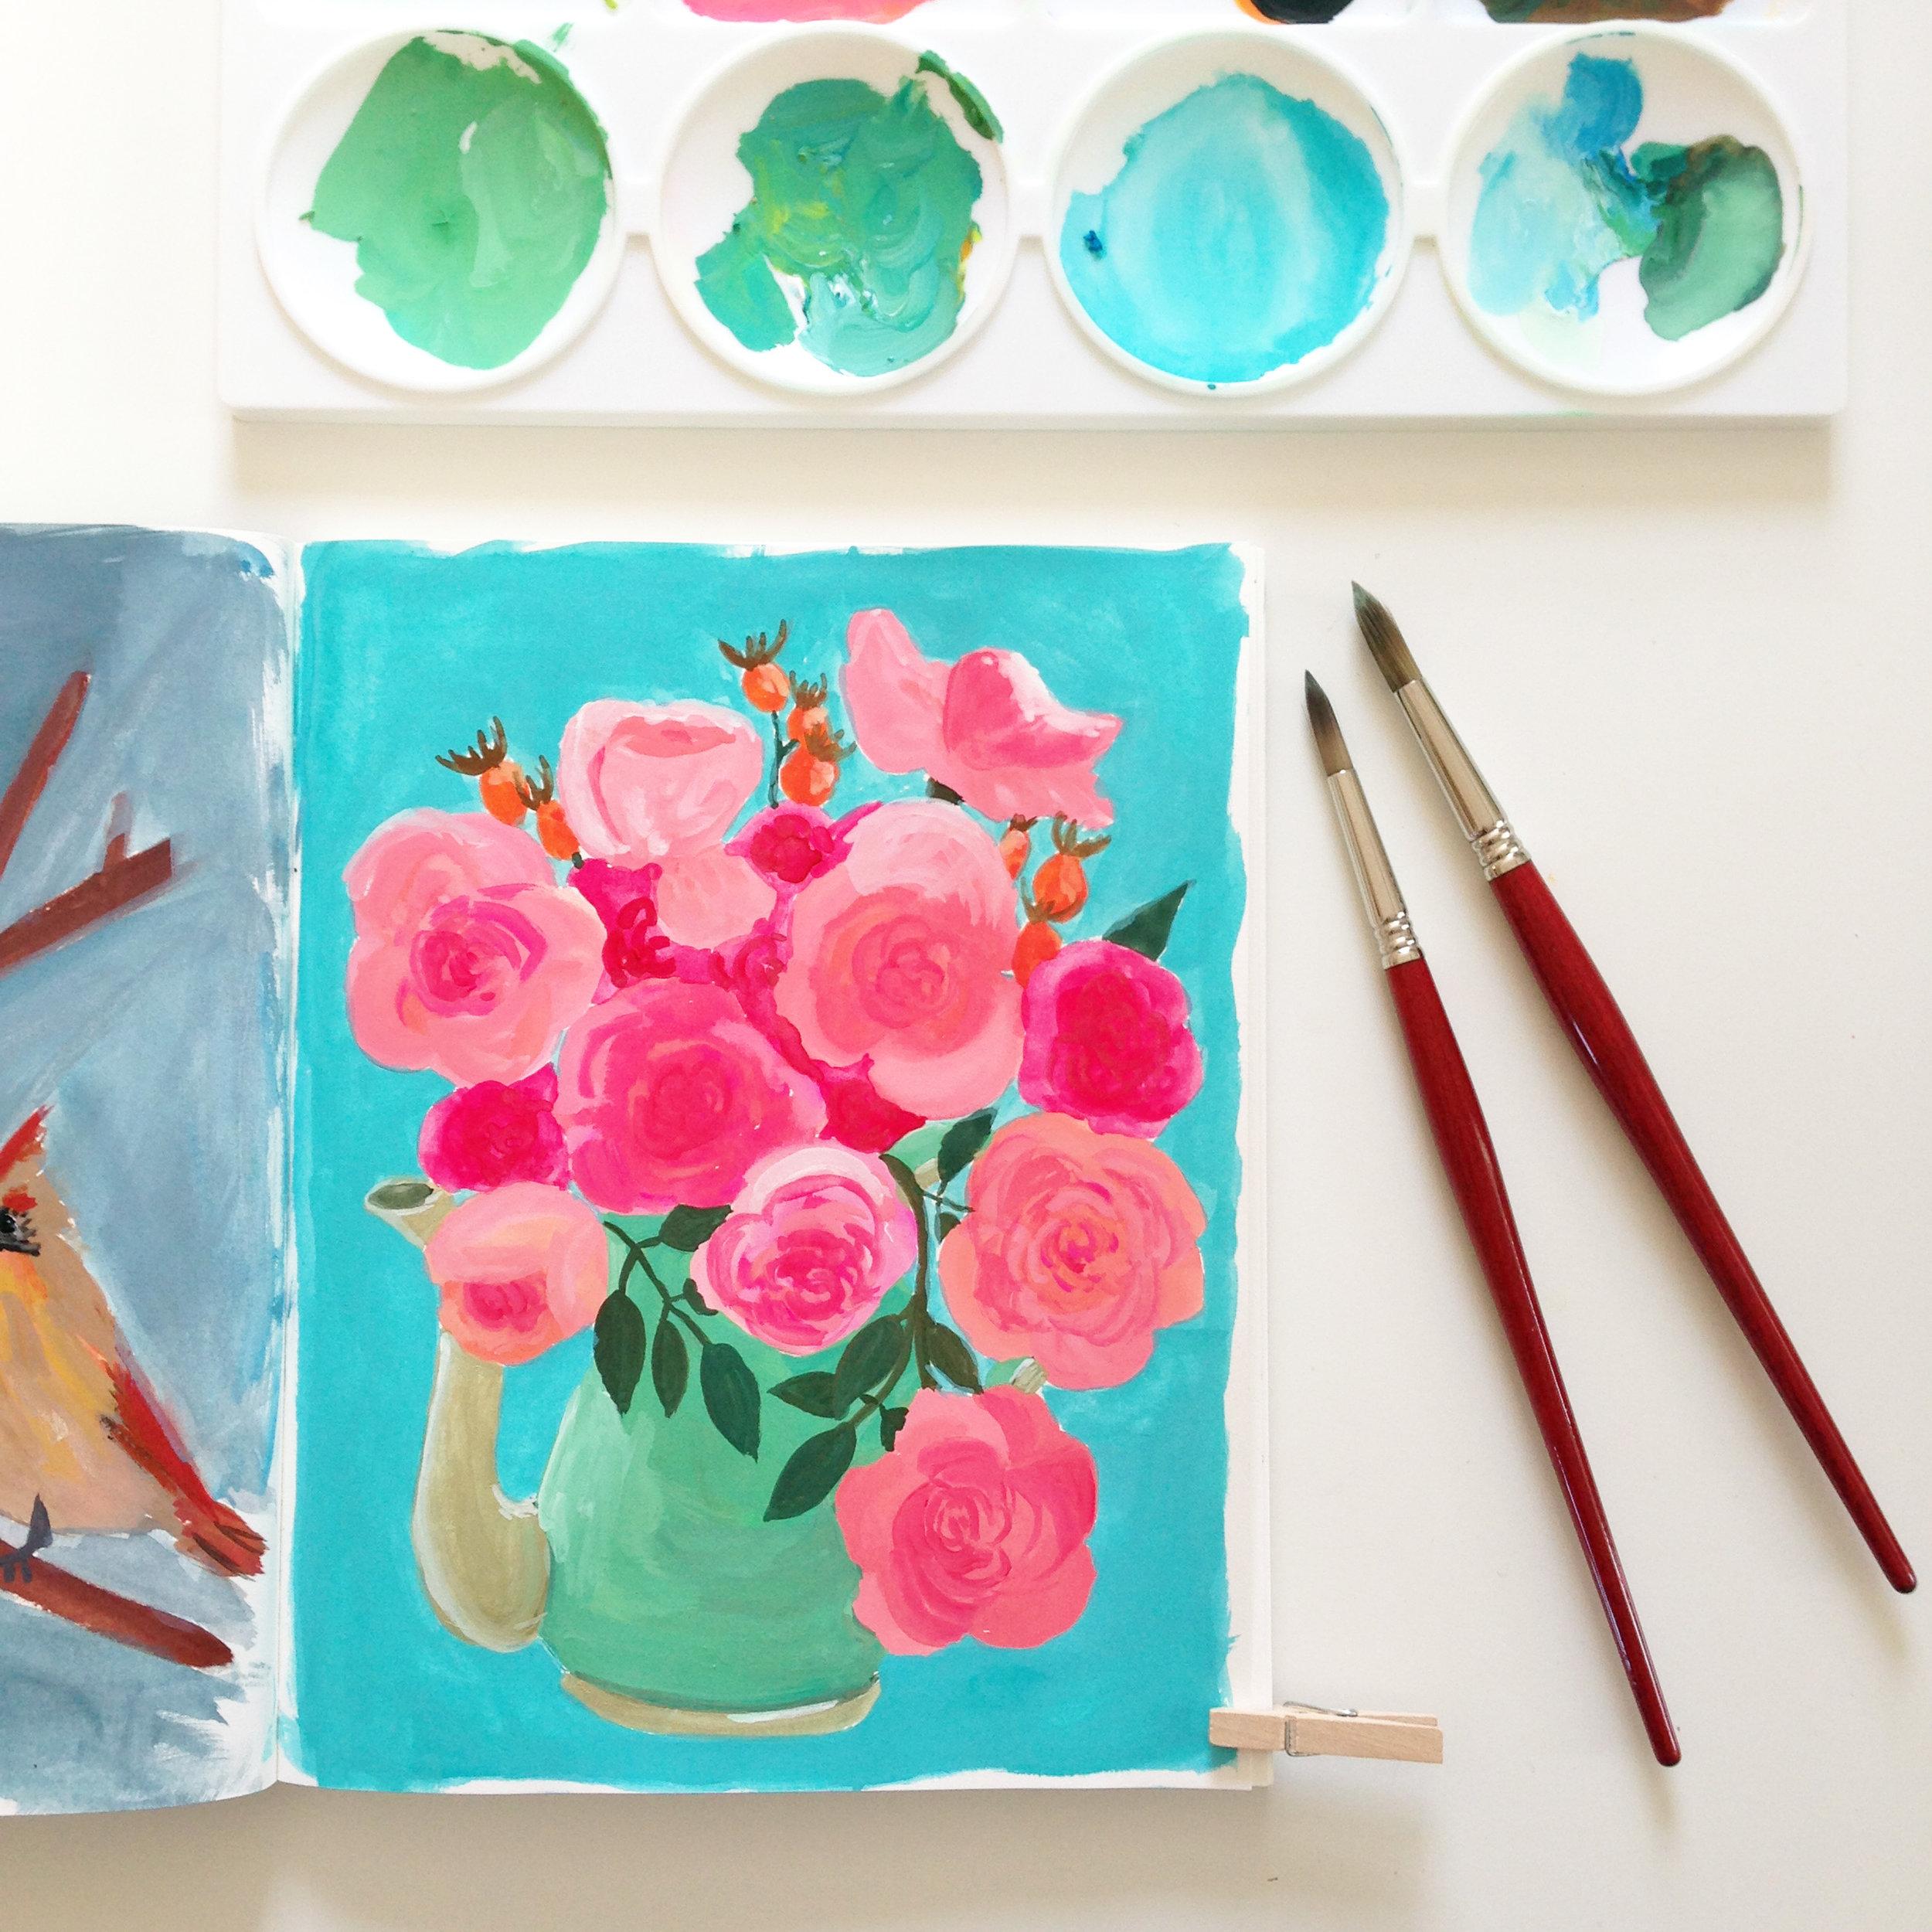 Gouache Roses in Anne Butera's Sketchbook